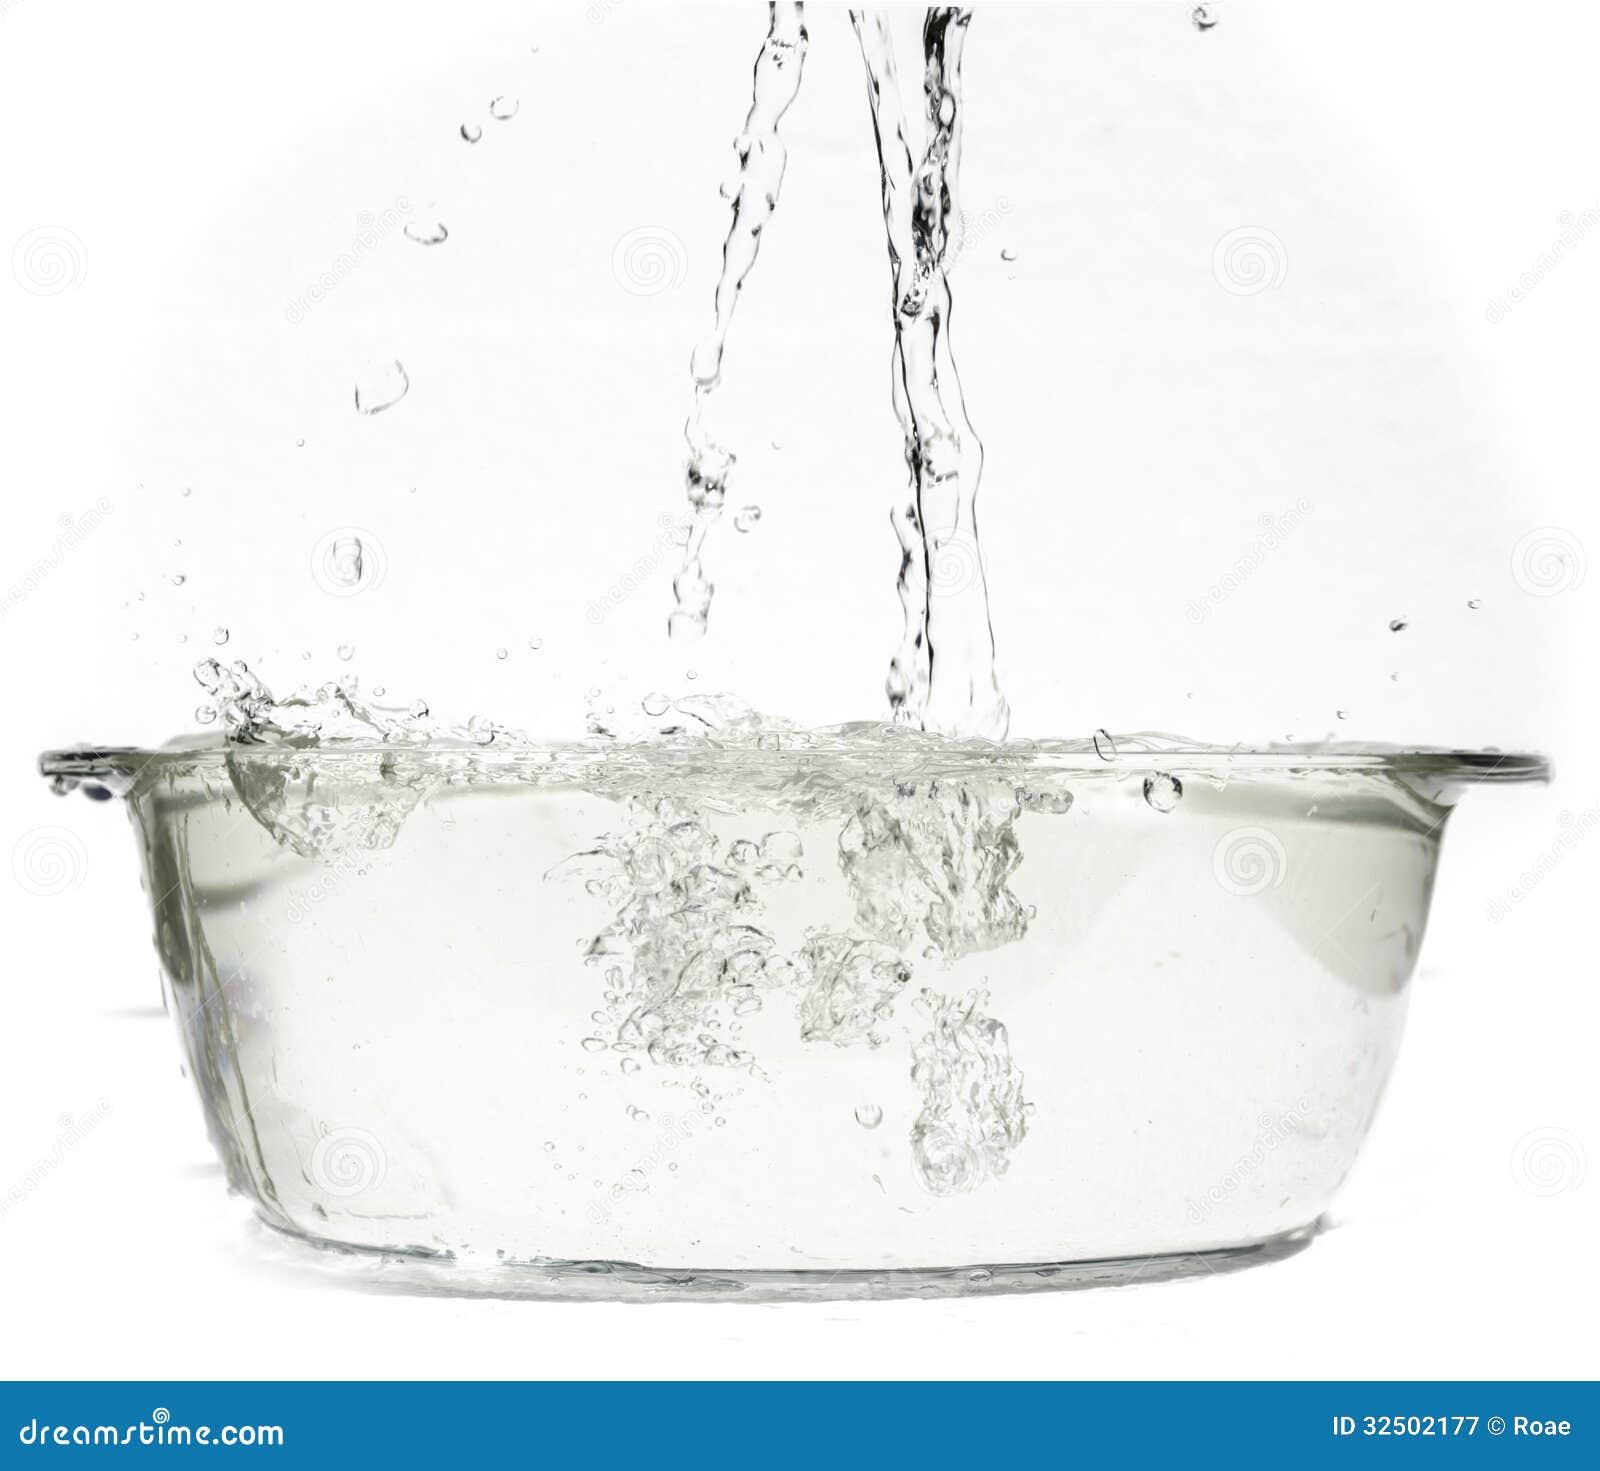 kochendes wasser in einem feuerfesten teller stockbild bild von clear kessel 32502177. Black Bedroom Furniture Sets. Home Design Ideas